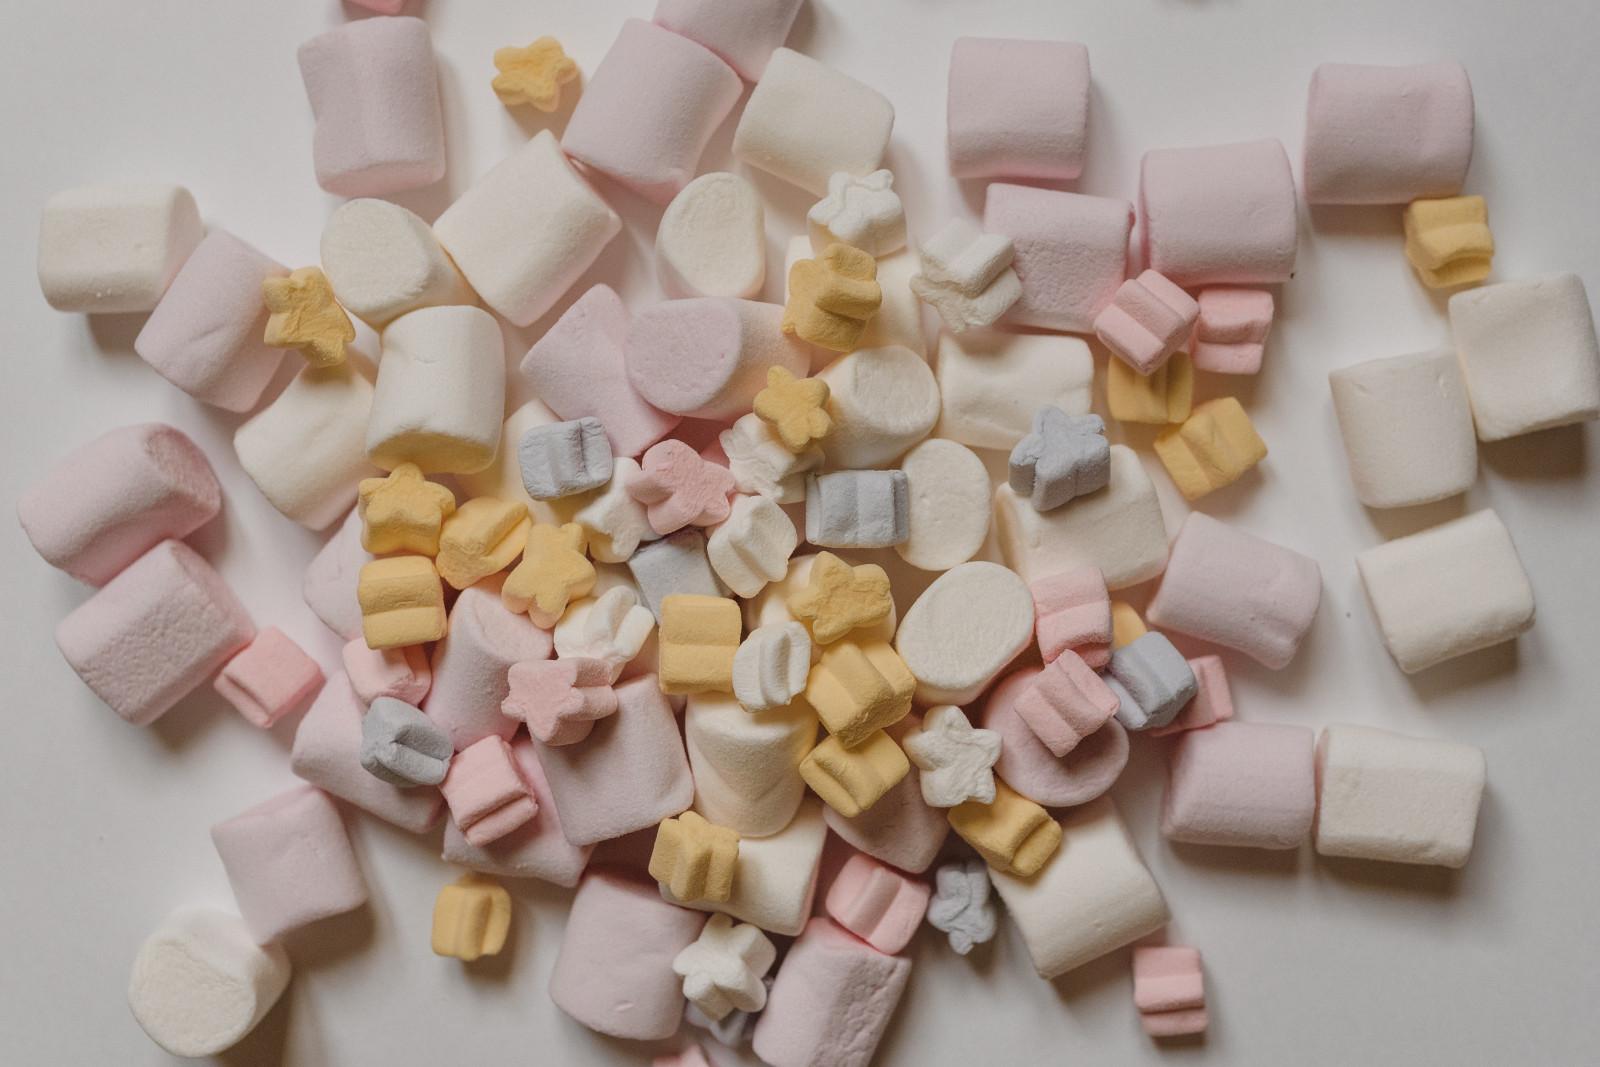 小清新美食|甜甜的棉花糖高清图片